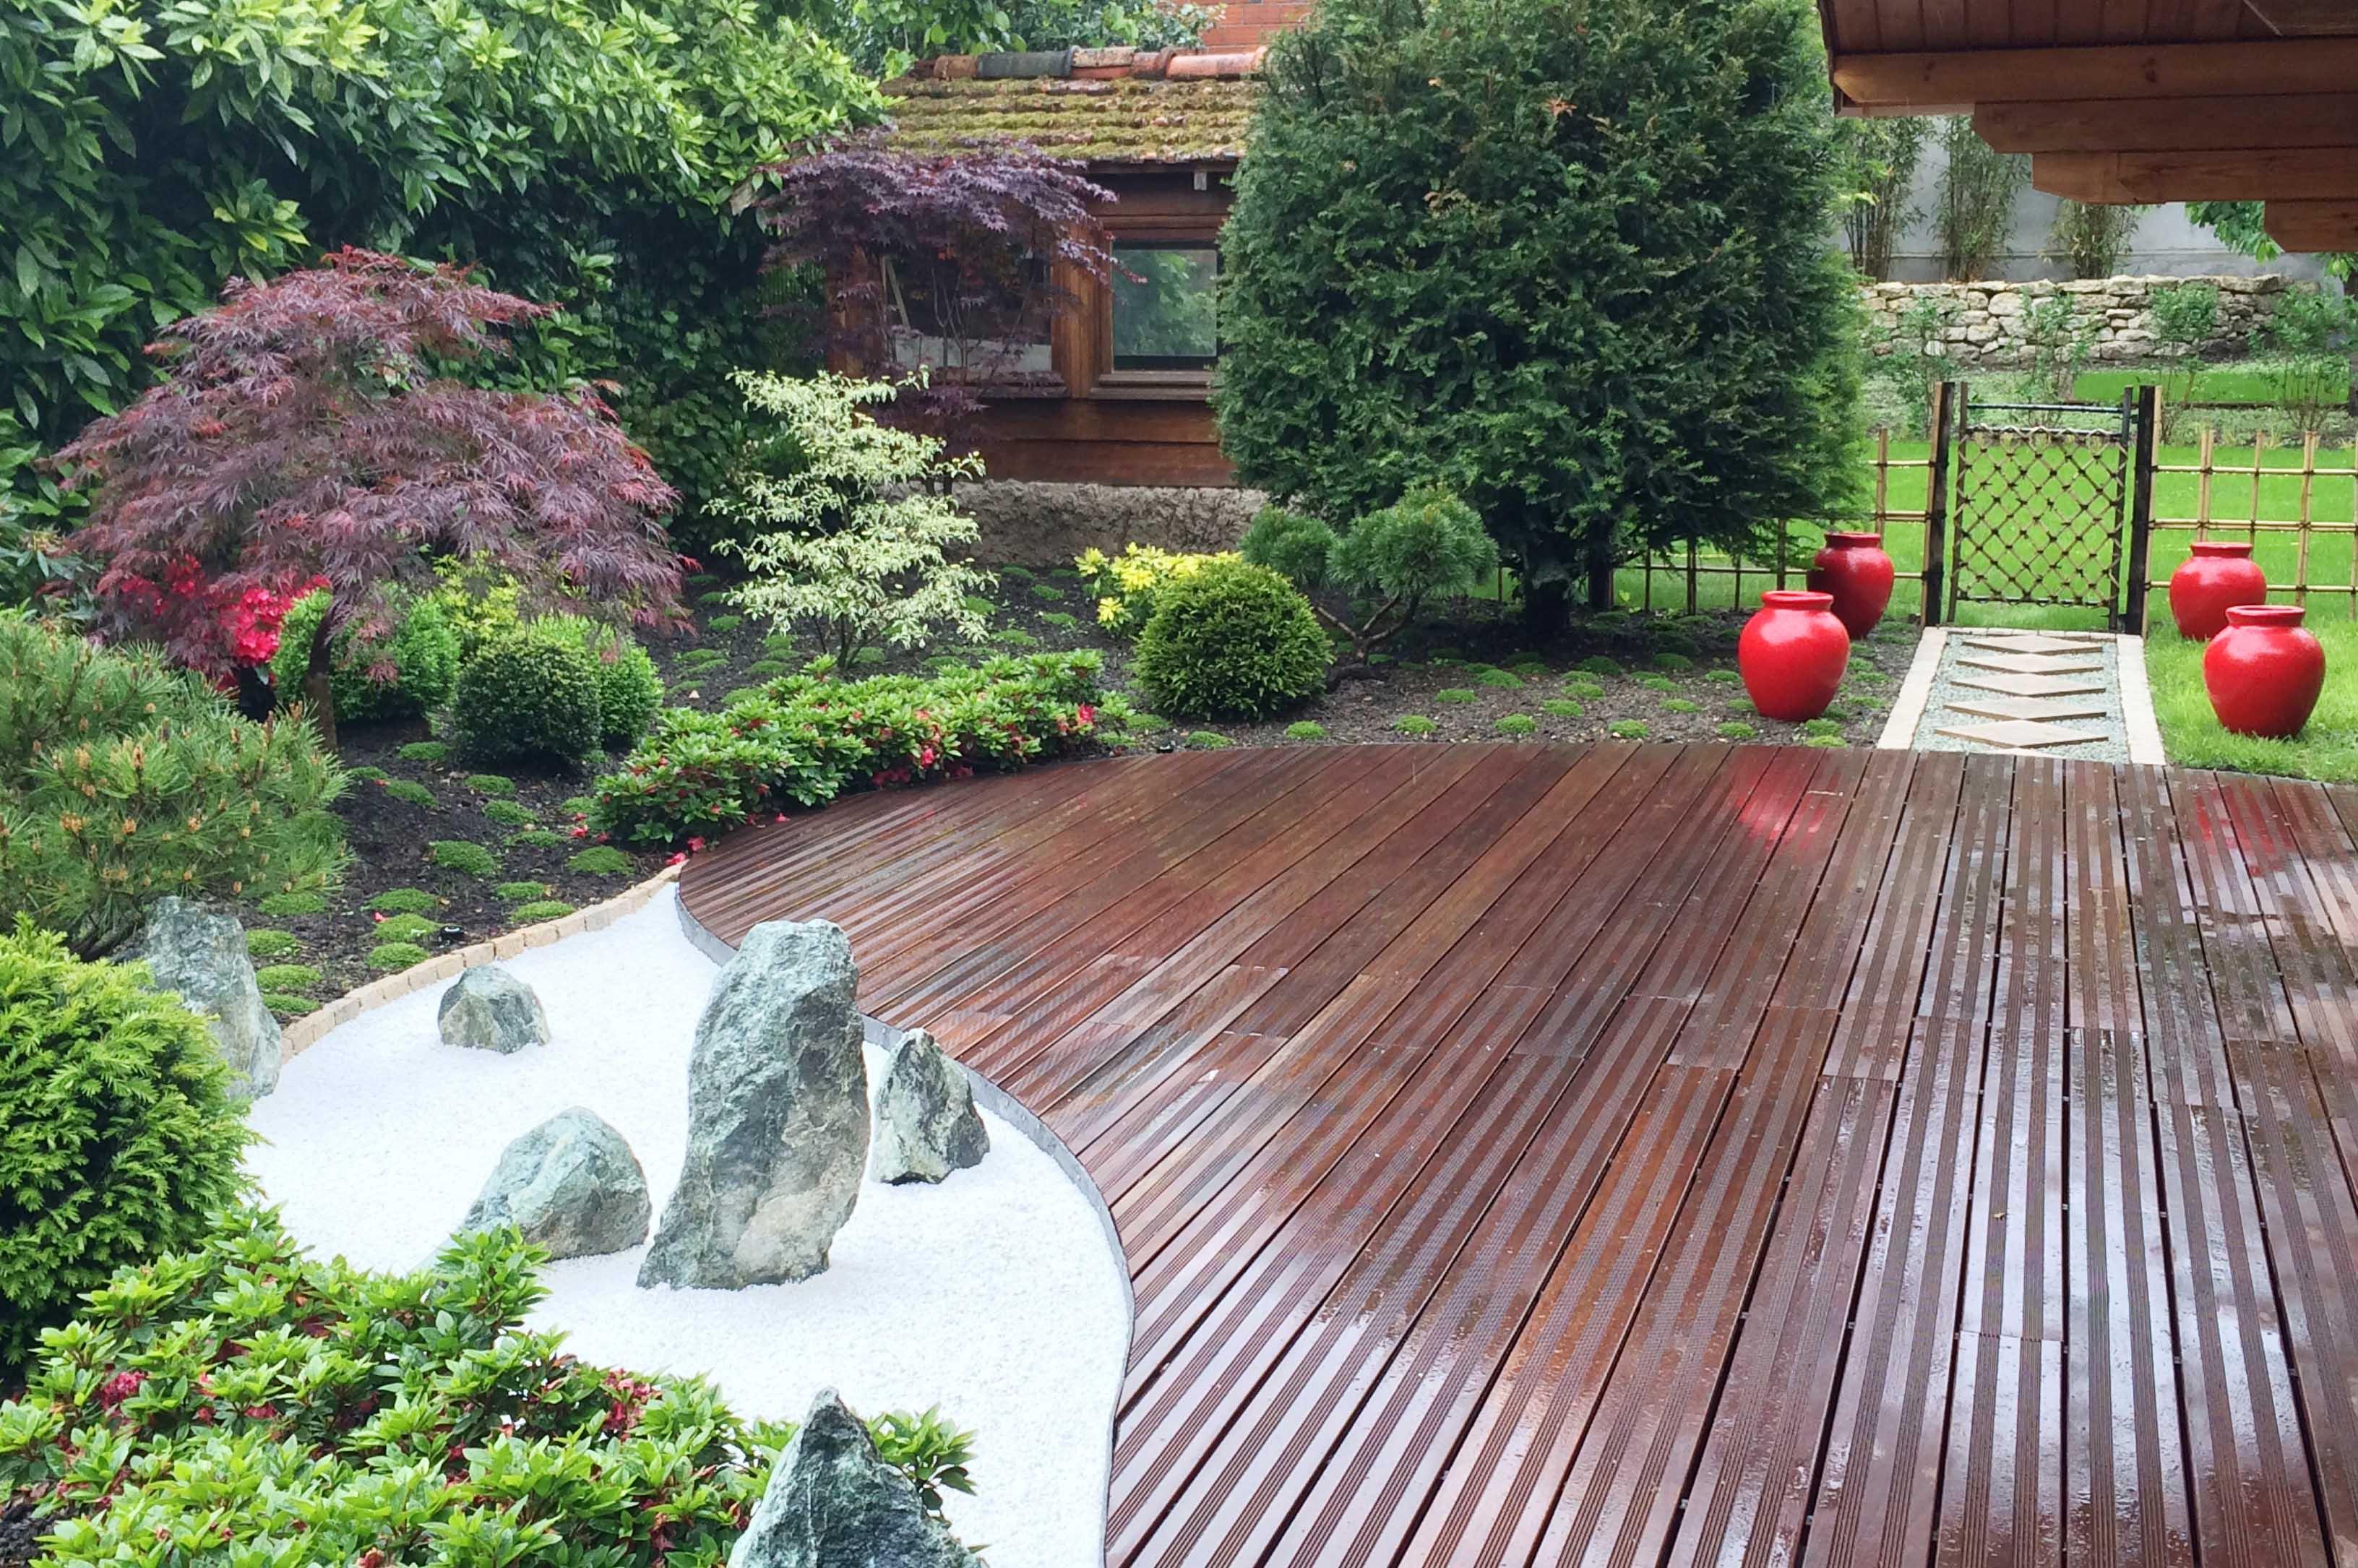 jardin japonais terrasse elegant jardins japonais de dco zen inspire par la nature jardin. Black Bedroom Furniture Sets. Home Design Ideas